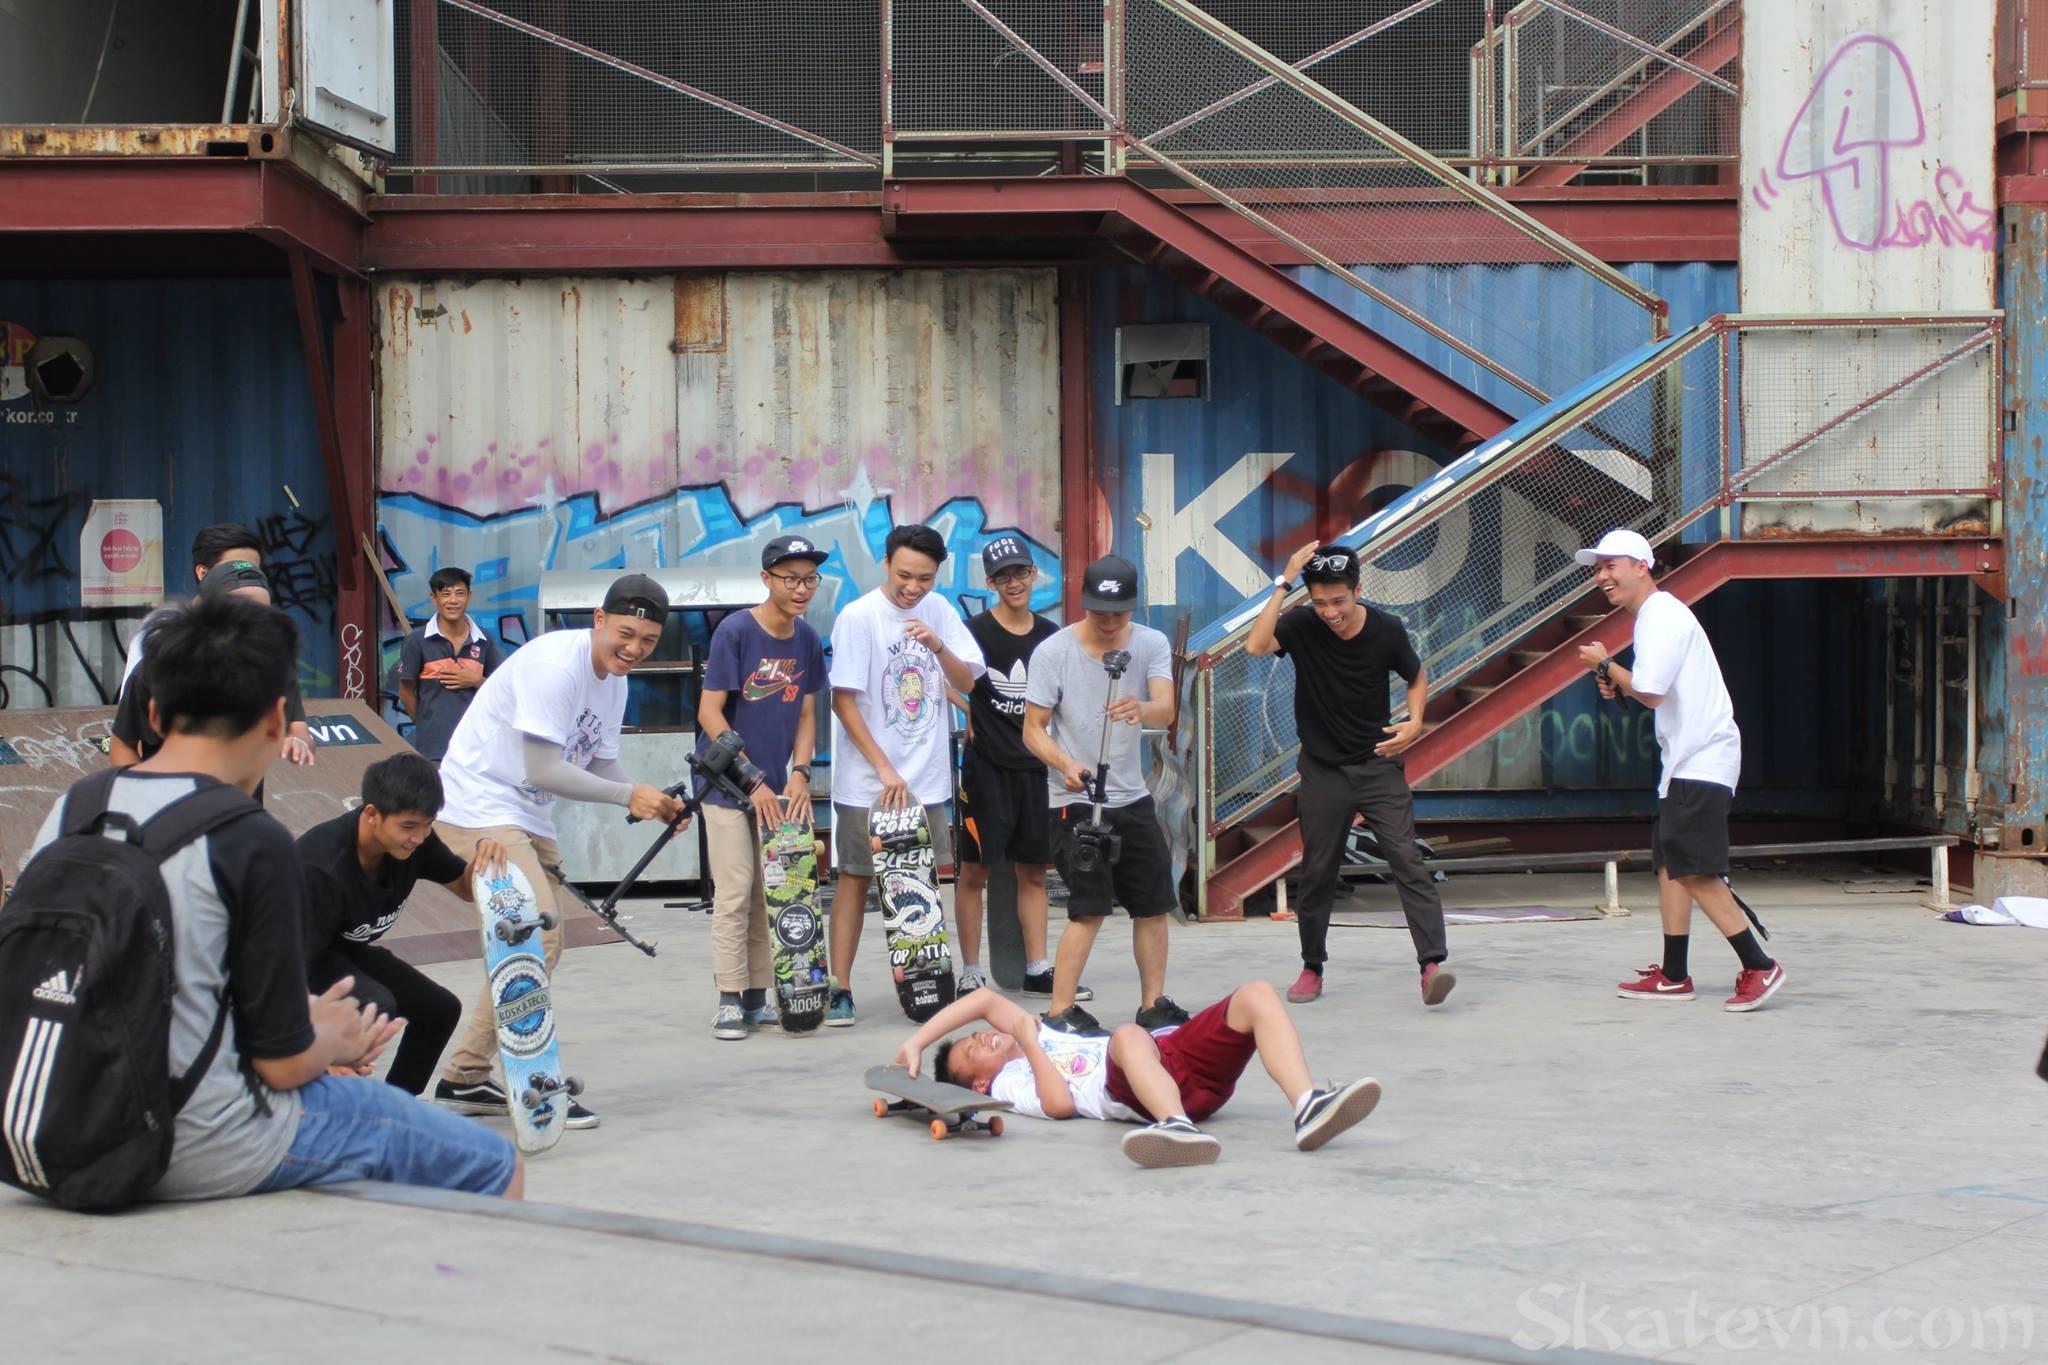 ngày hội trượt ván